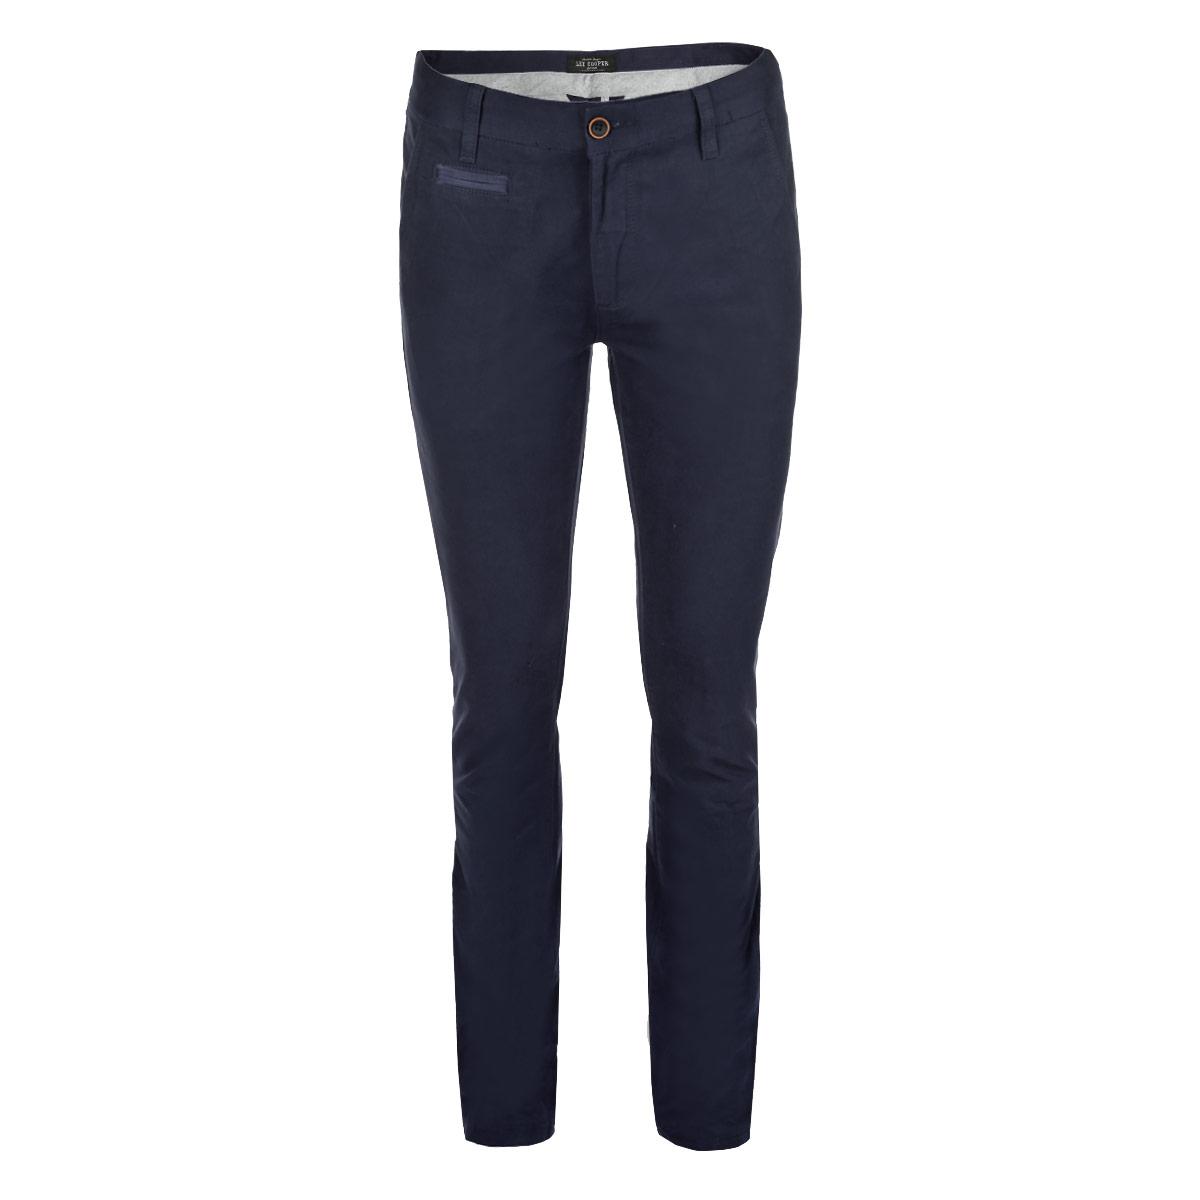 БрюкиLchmw043/MidnightСтильные мужские брюки Lee Cooper, выполненные из высококачественного плотного хлопка, отлично сидят по фигуре. Модель слегка зауженного к низу кроя и средней посадки станет отличным дополнением к вашему современному образу. Брюки застегиваются на две пуговицы в поясе и ширинку на молнии, также имеются шлевки для ремня. Спереди модель оформлена двумя втачными карманами с косыми срезами и имитацией прорезного кармашка, а сзади - двумя прорезными карманами с клапанами на пуговицах. Эти модные и в тоже время комфортные брюки послужат отличным дополнением к вашему гардеробу. В них вы всегда будете чувствовать себя уютно и комфортно.